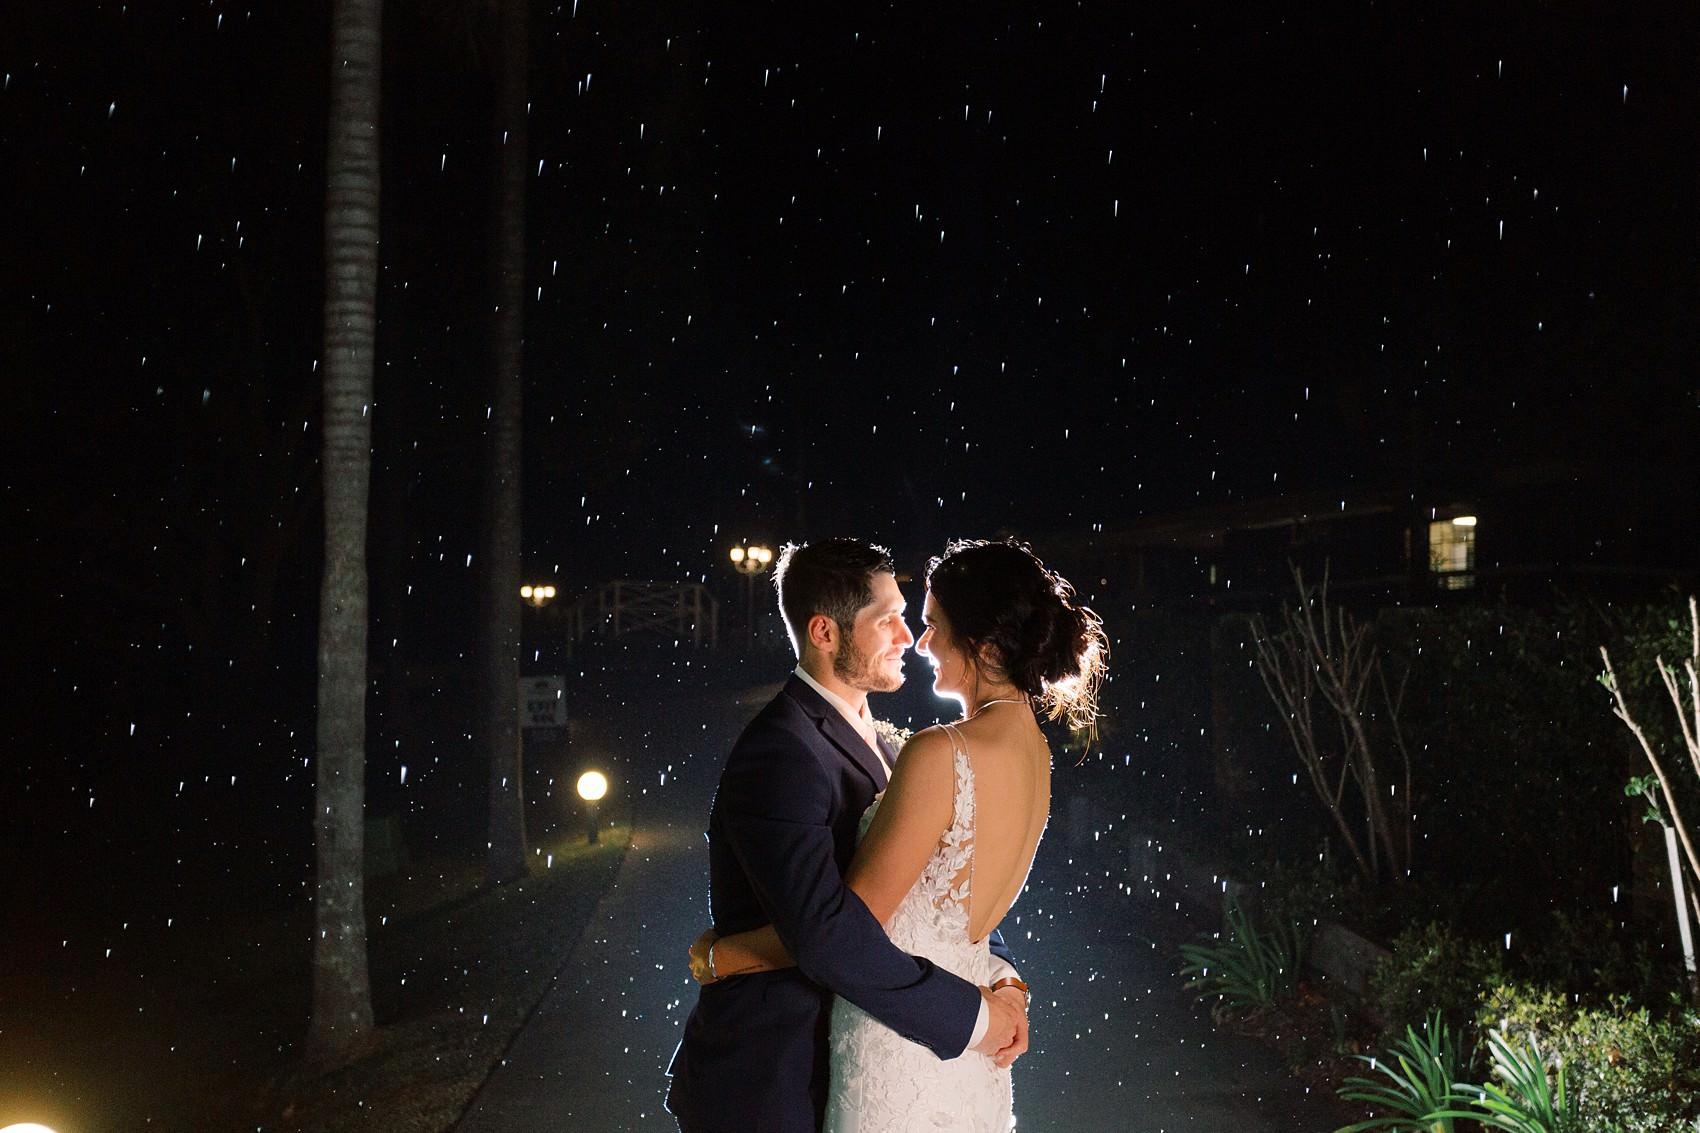 night rain images austinvilla estate